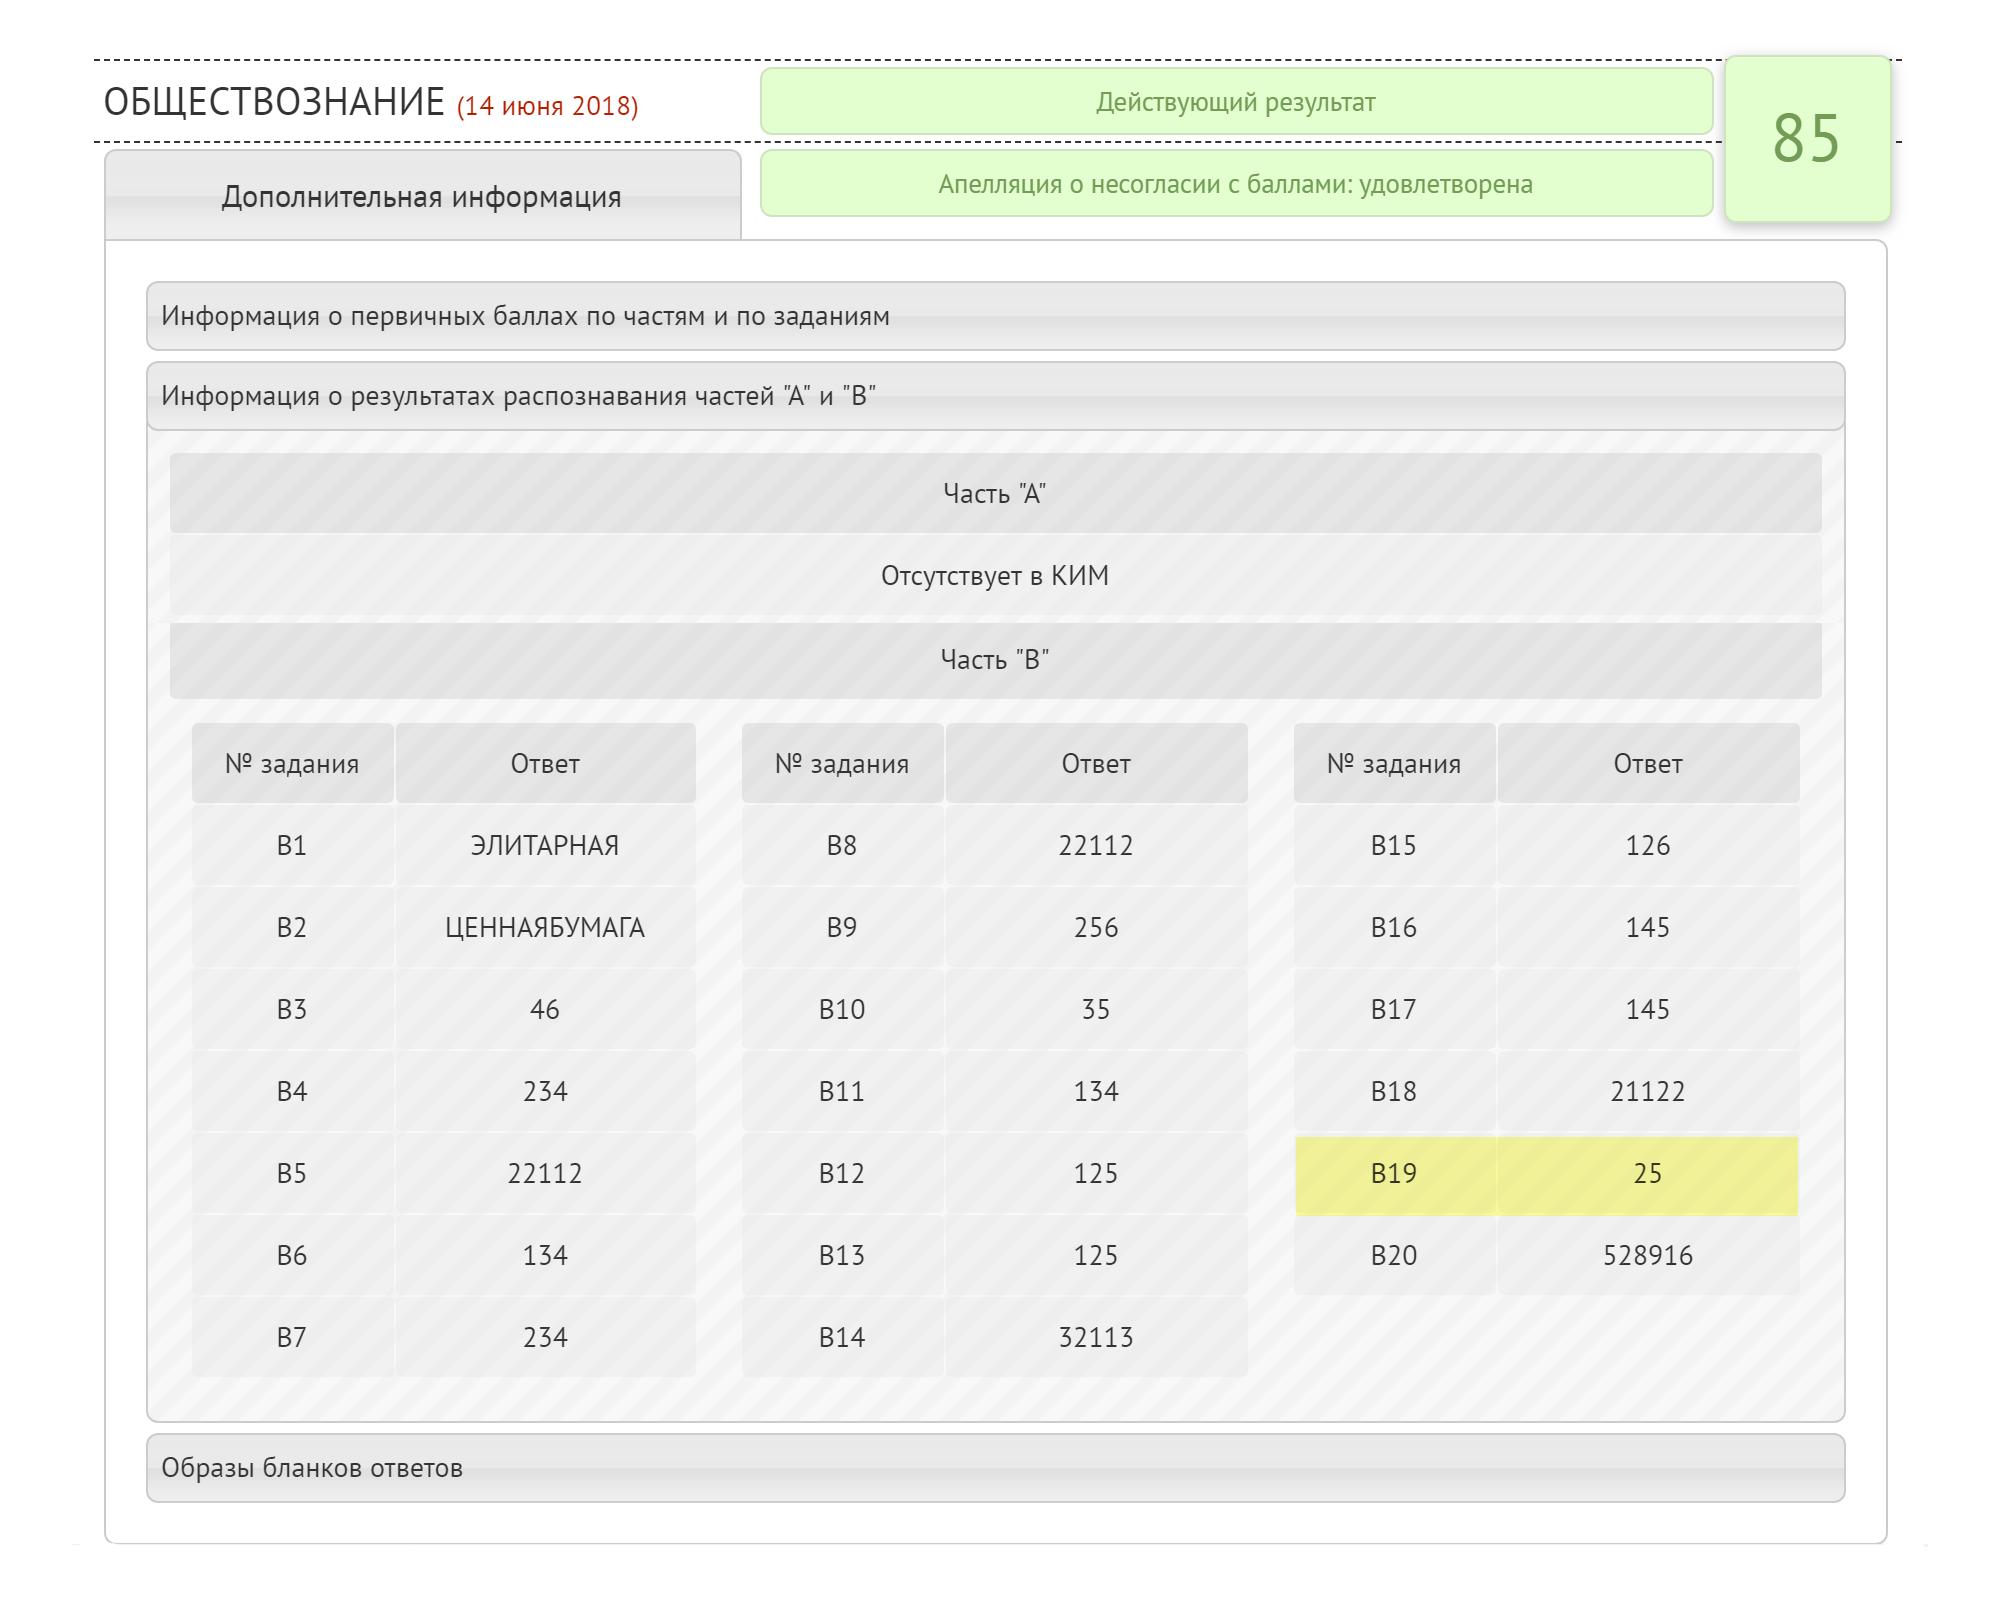 Чтобы проверить, как компьютер распознал ответы, бланк нужно сравнить с результатами распознавания, которые тоже опубликованы на сайте. В моем бланке ответ на 19-й вопрос — «25», но компьютер распознал его как «15». После апелляции результат распознавания исправили